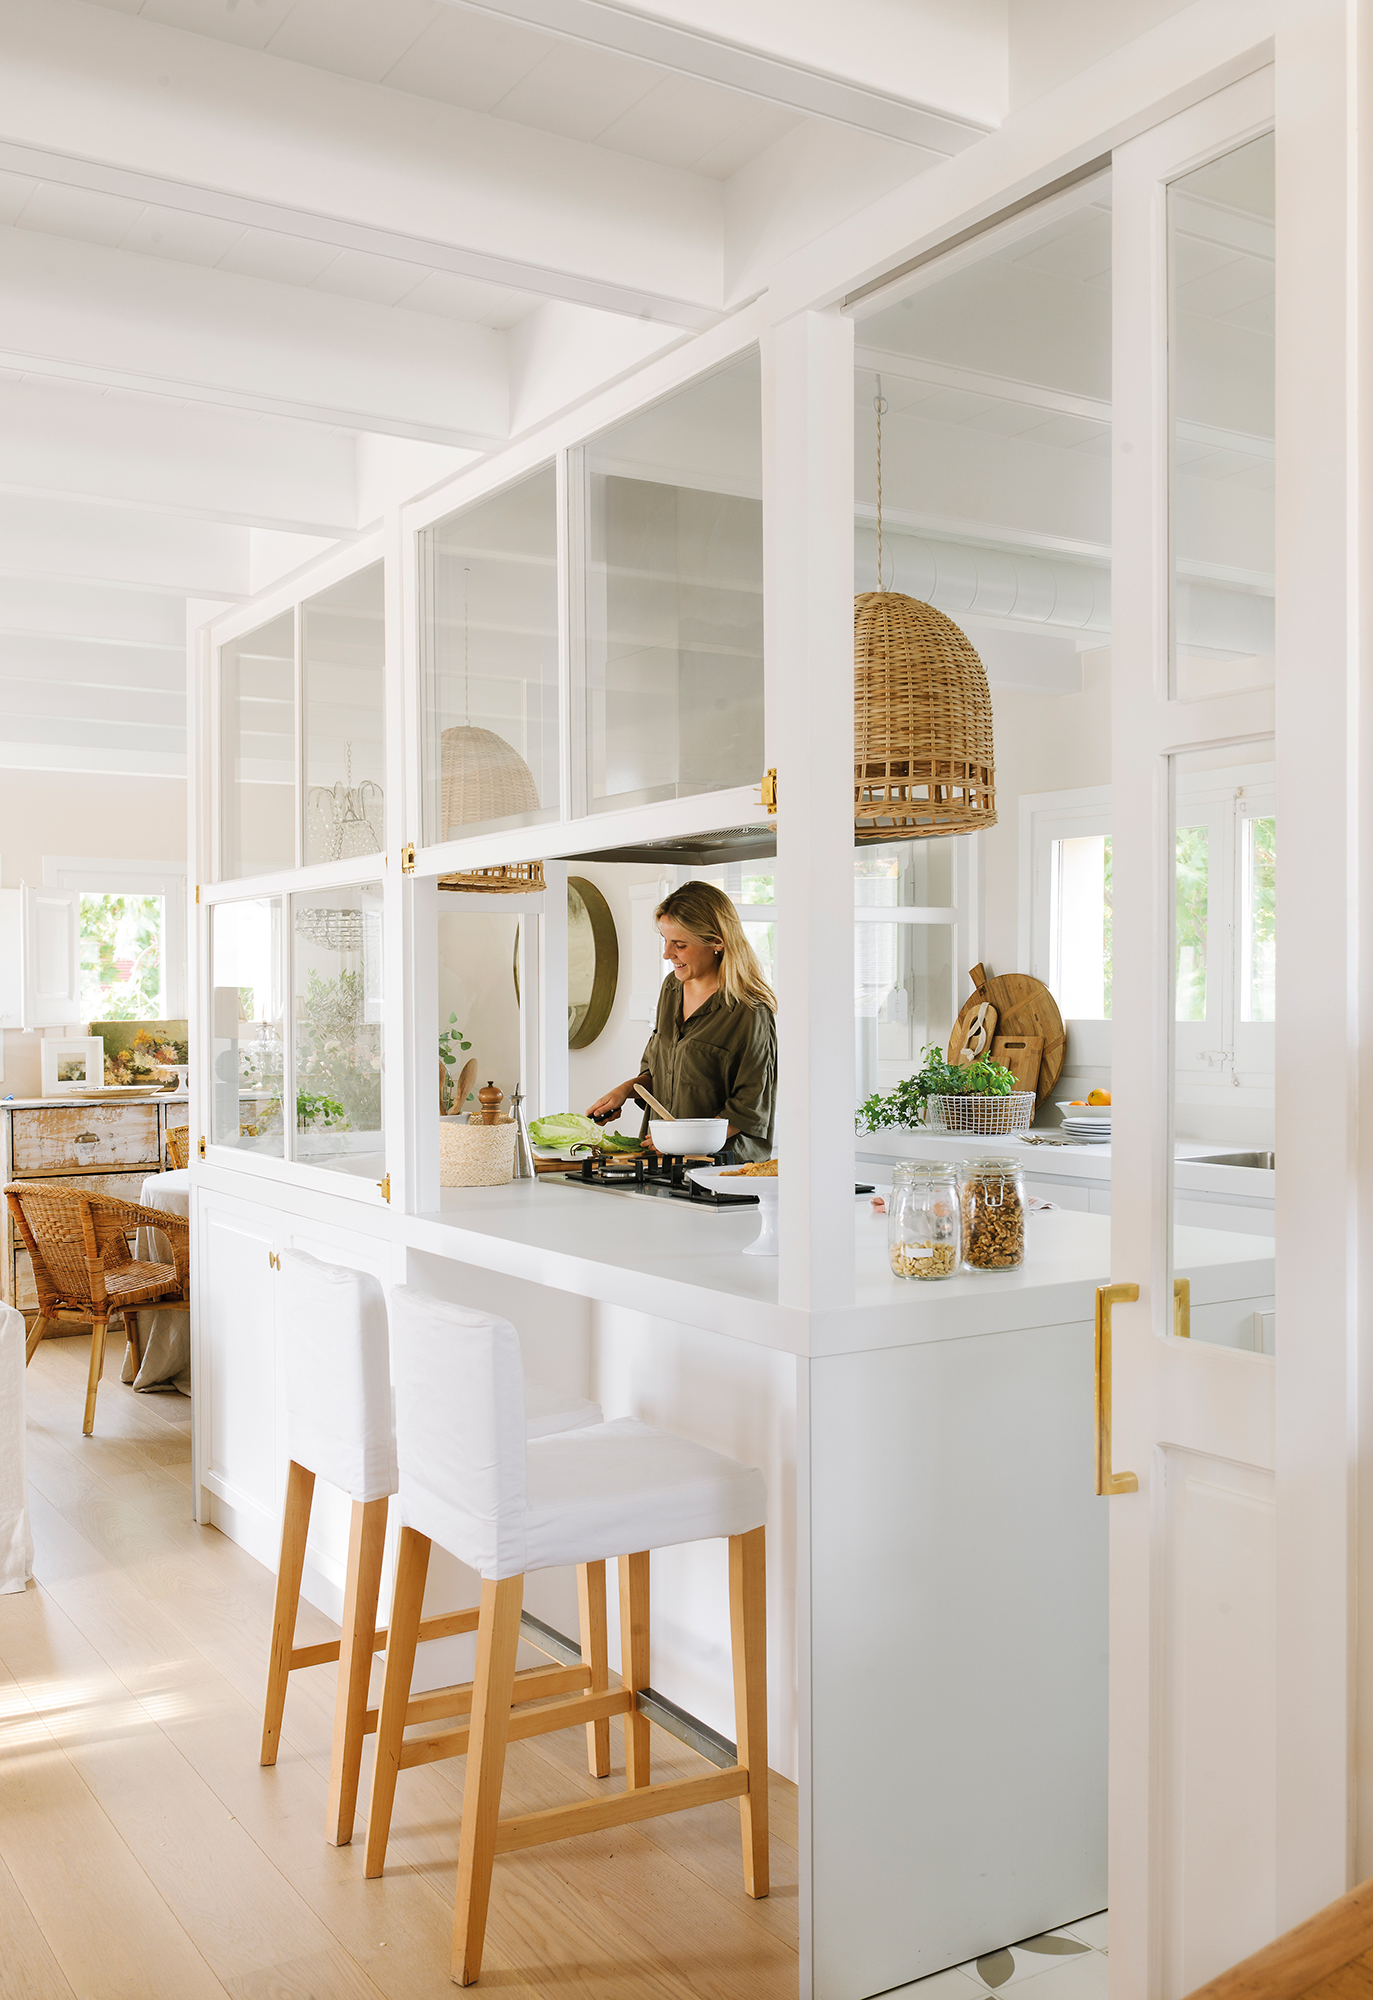 Separar ambientes 10 ideas pr ticas y decorativas for Separacion entre cocina y comedor